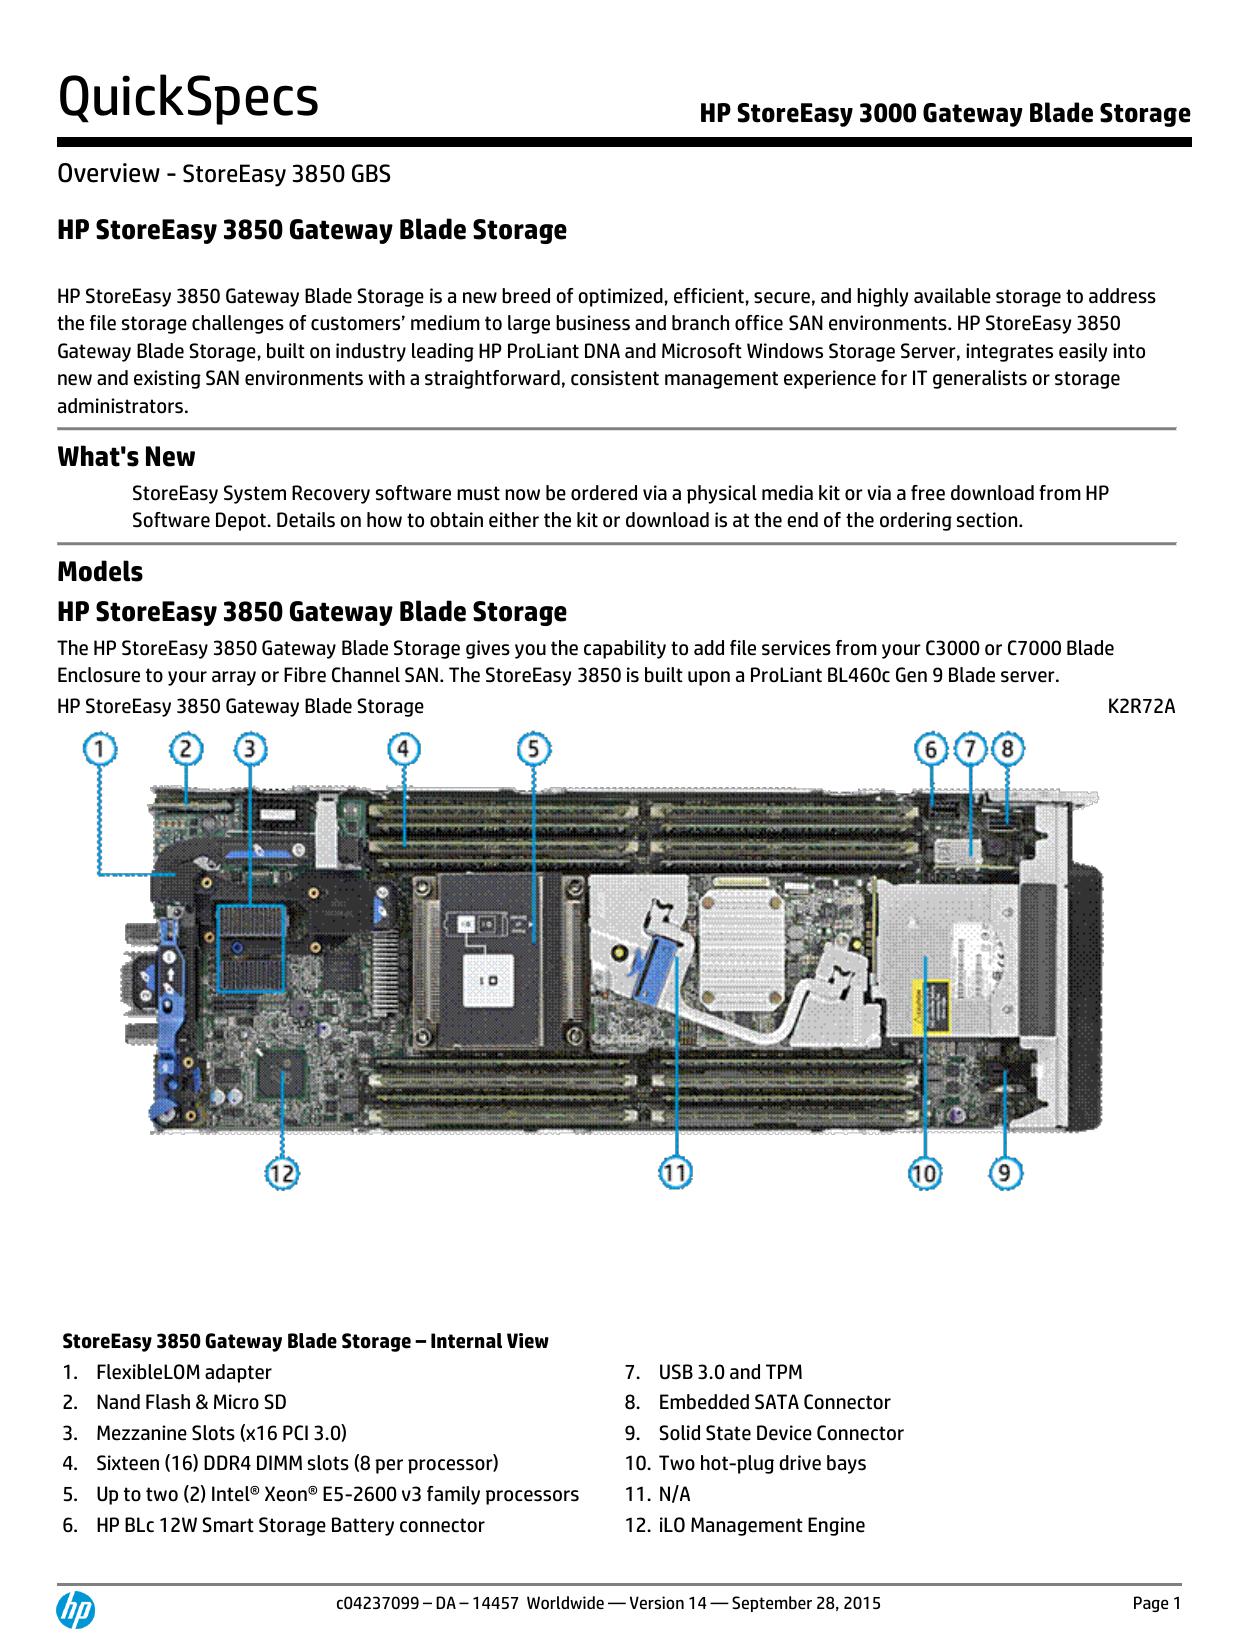 HP StoreEasy 3000 Gateway Storage Blade | manualzz com